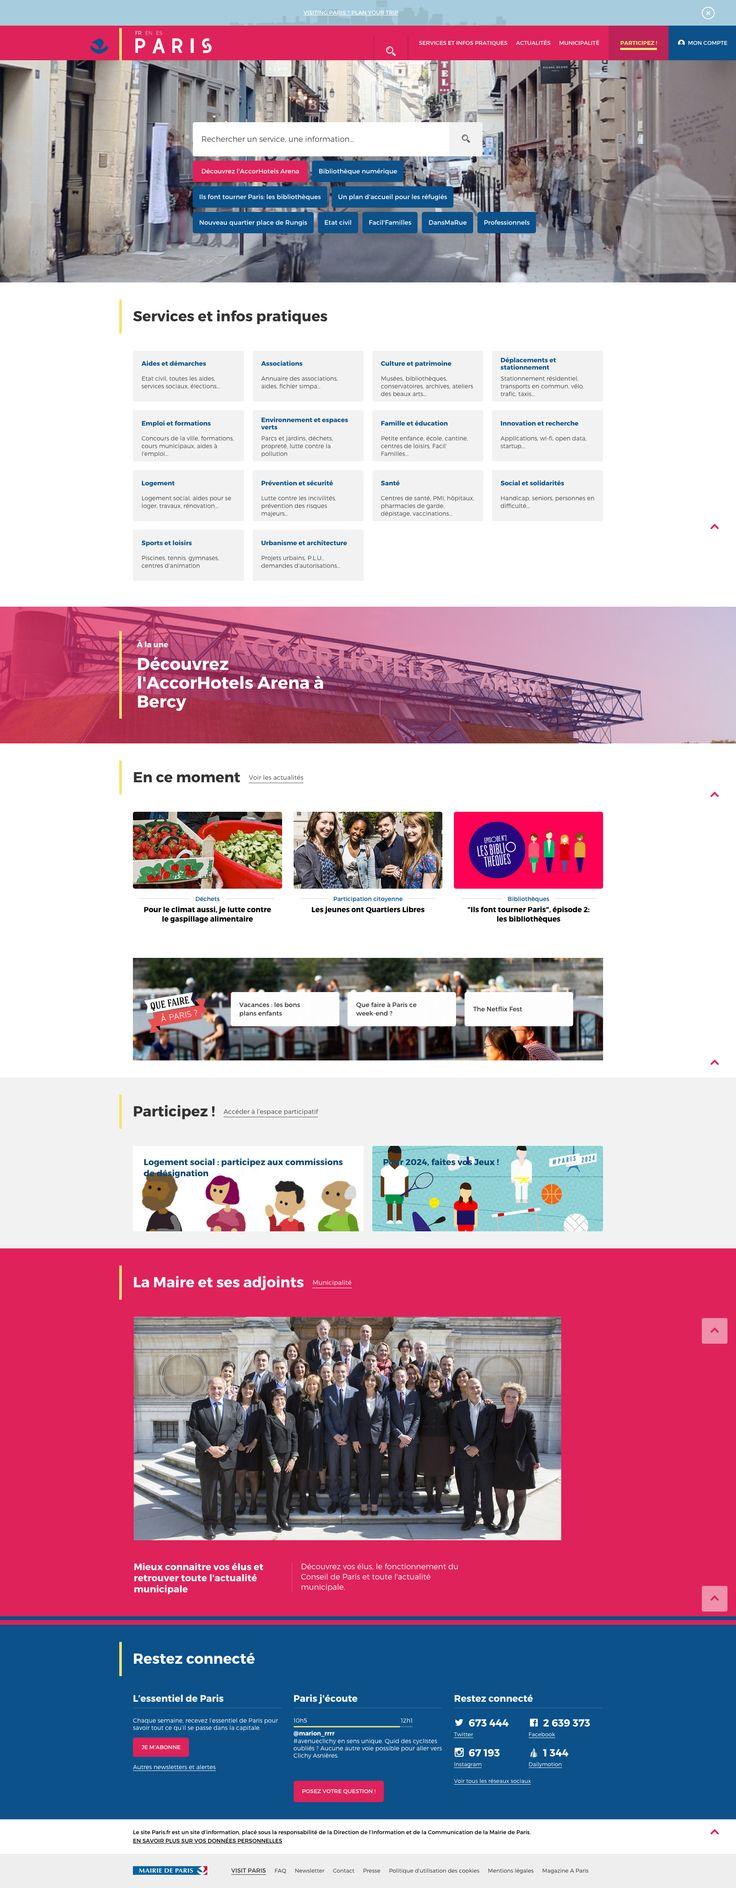 Paris.fr - site institutionnel Penser le parcours utilisateur #UX #marotte